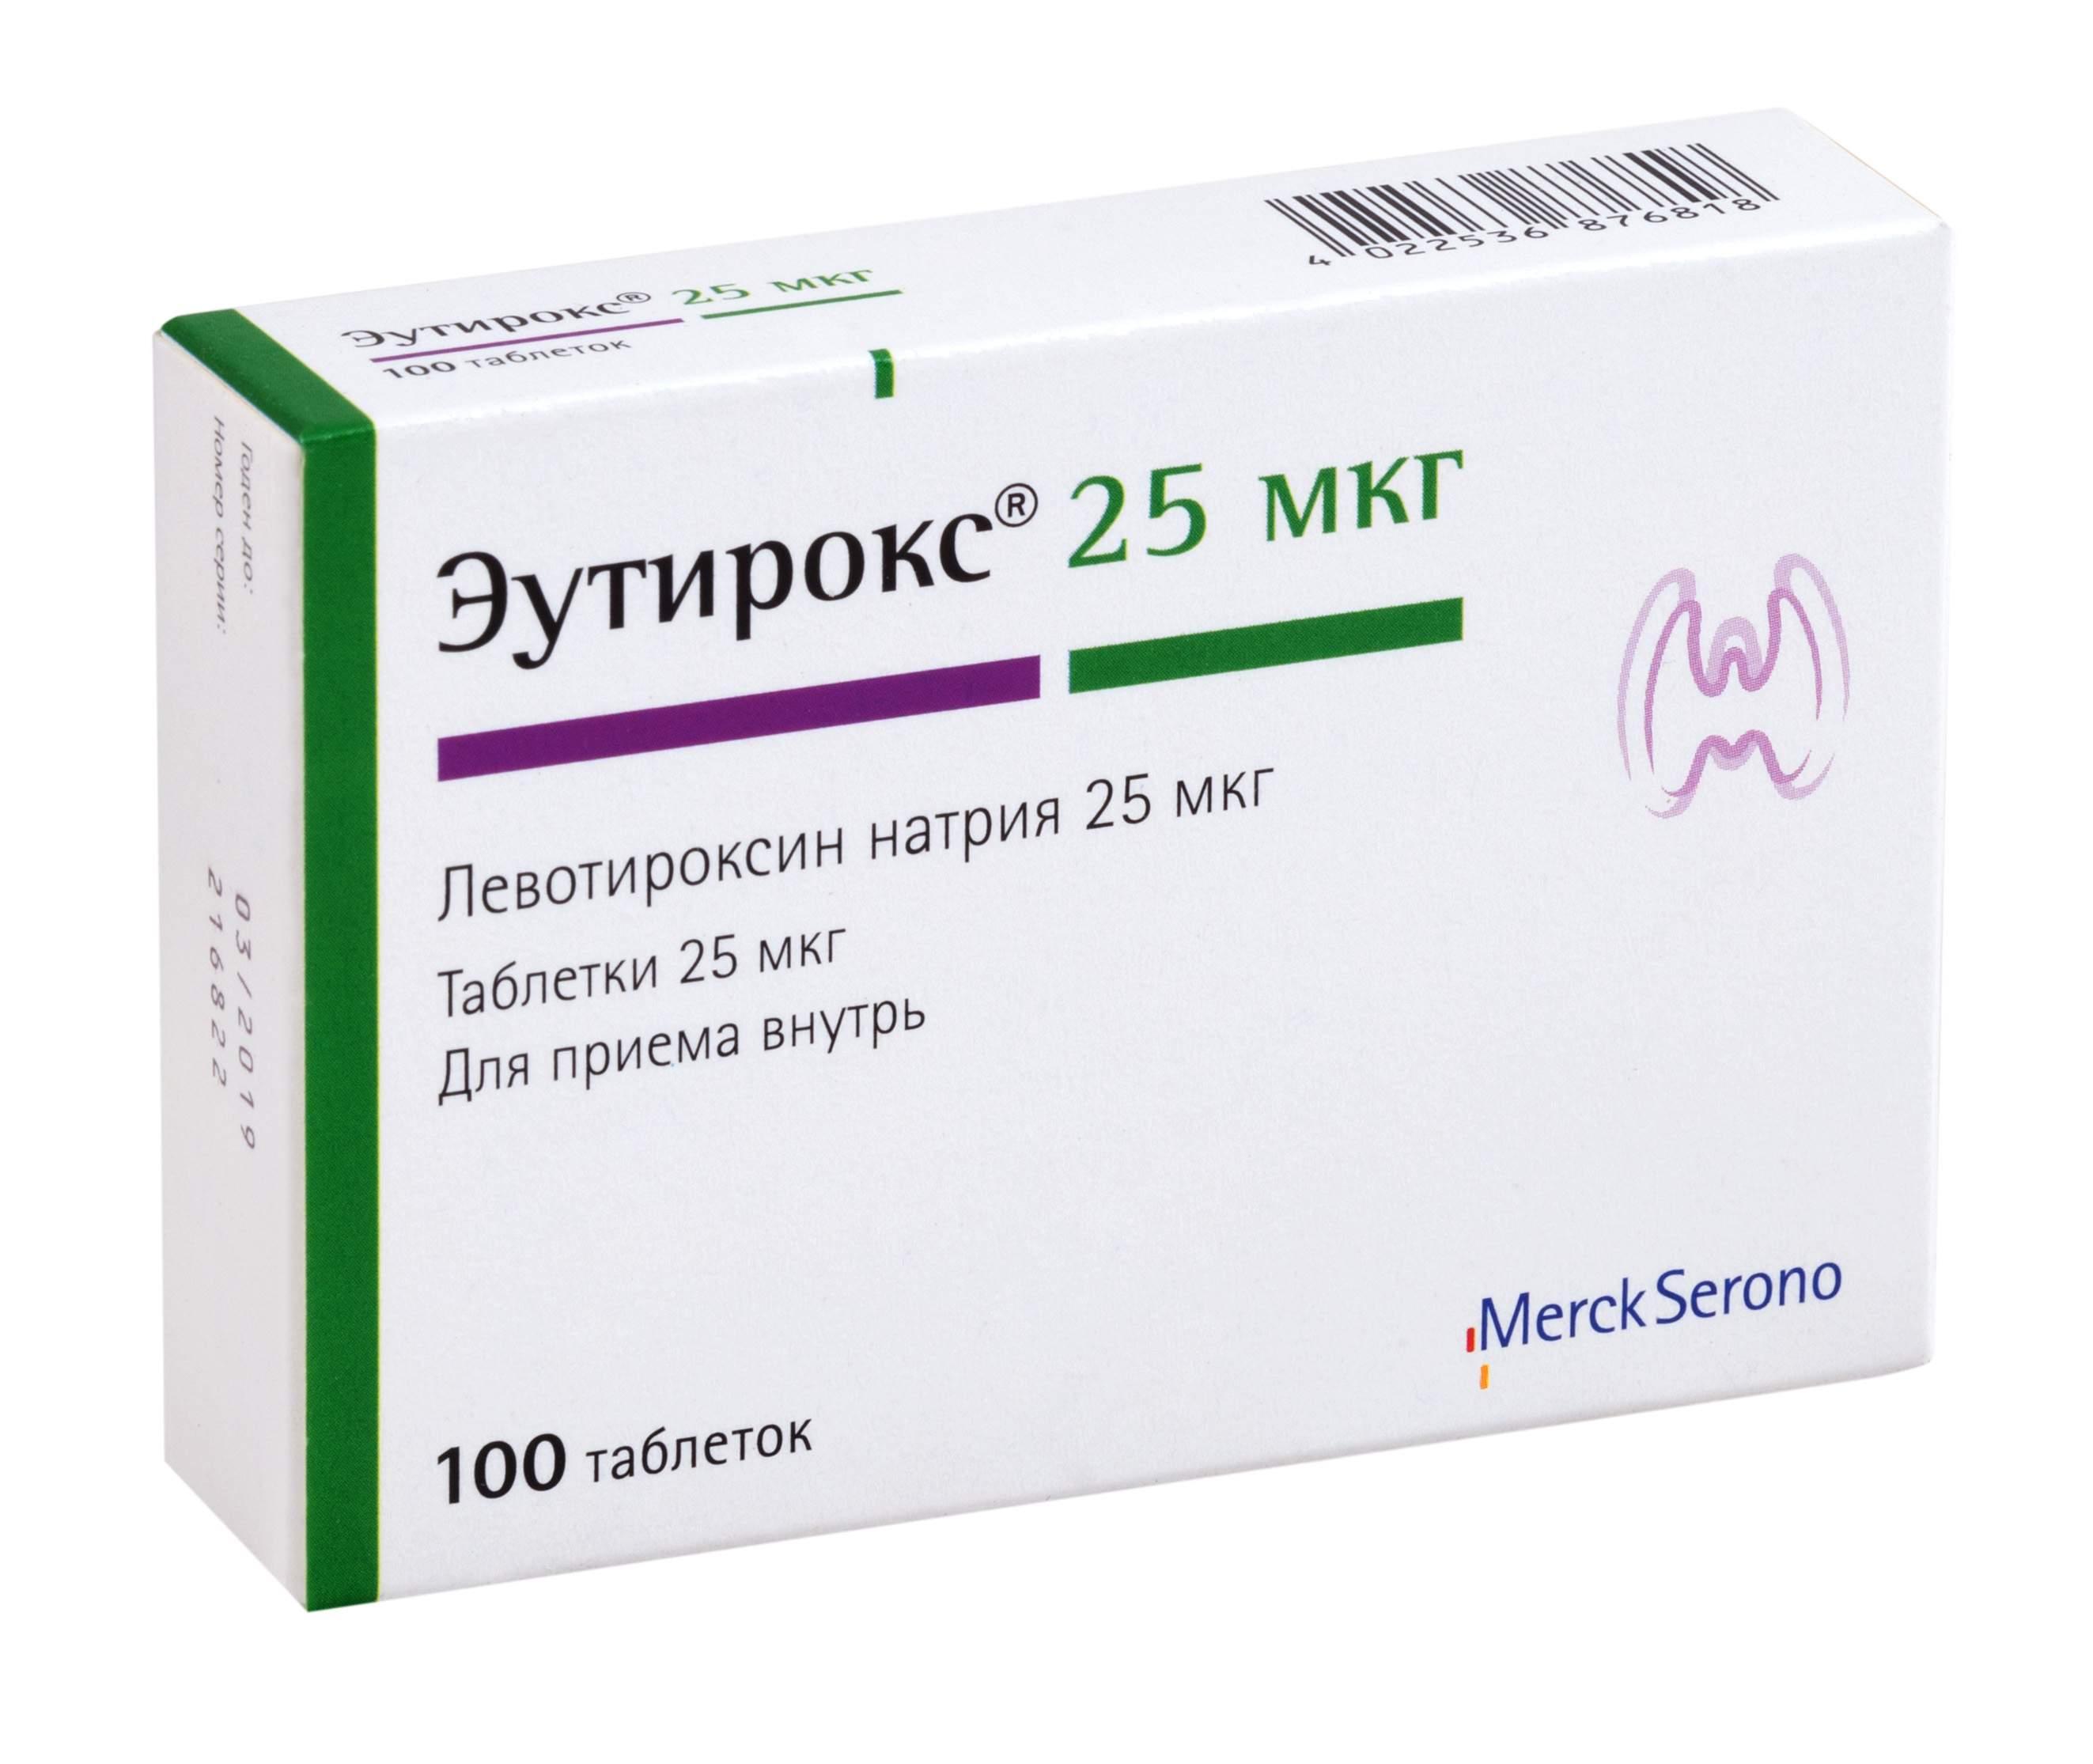 Эутирокс® (euthyrox®)